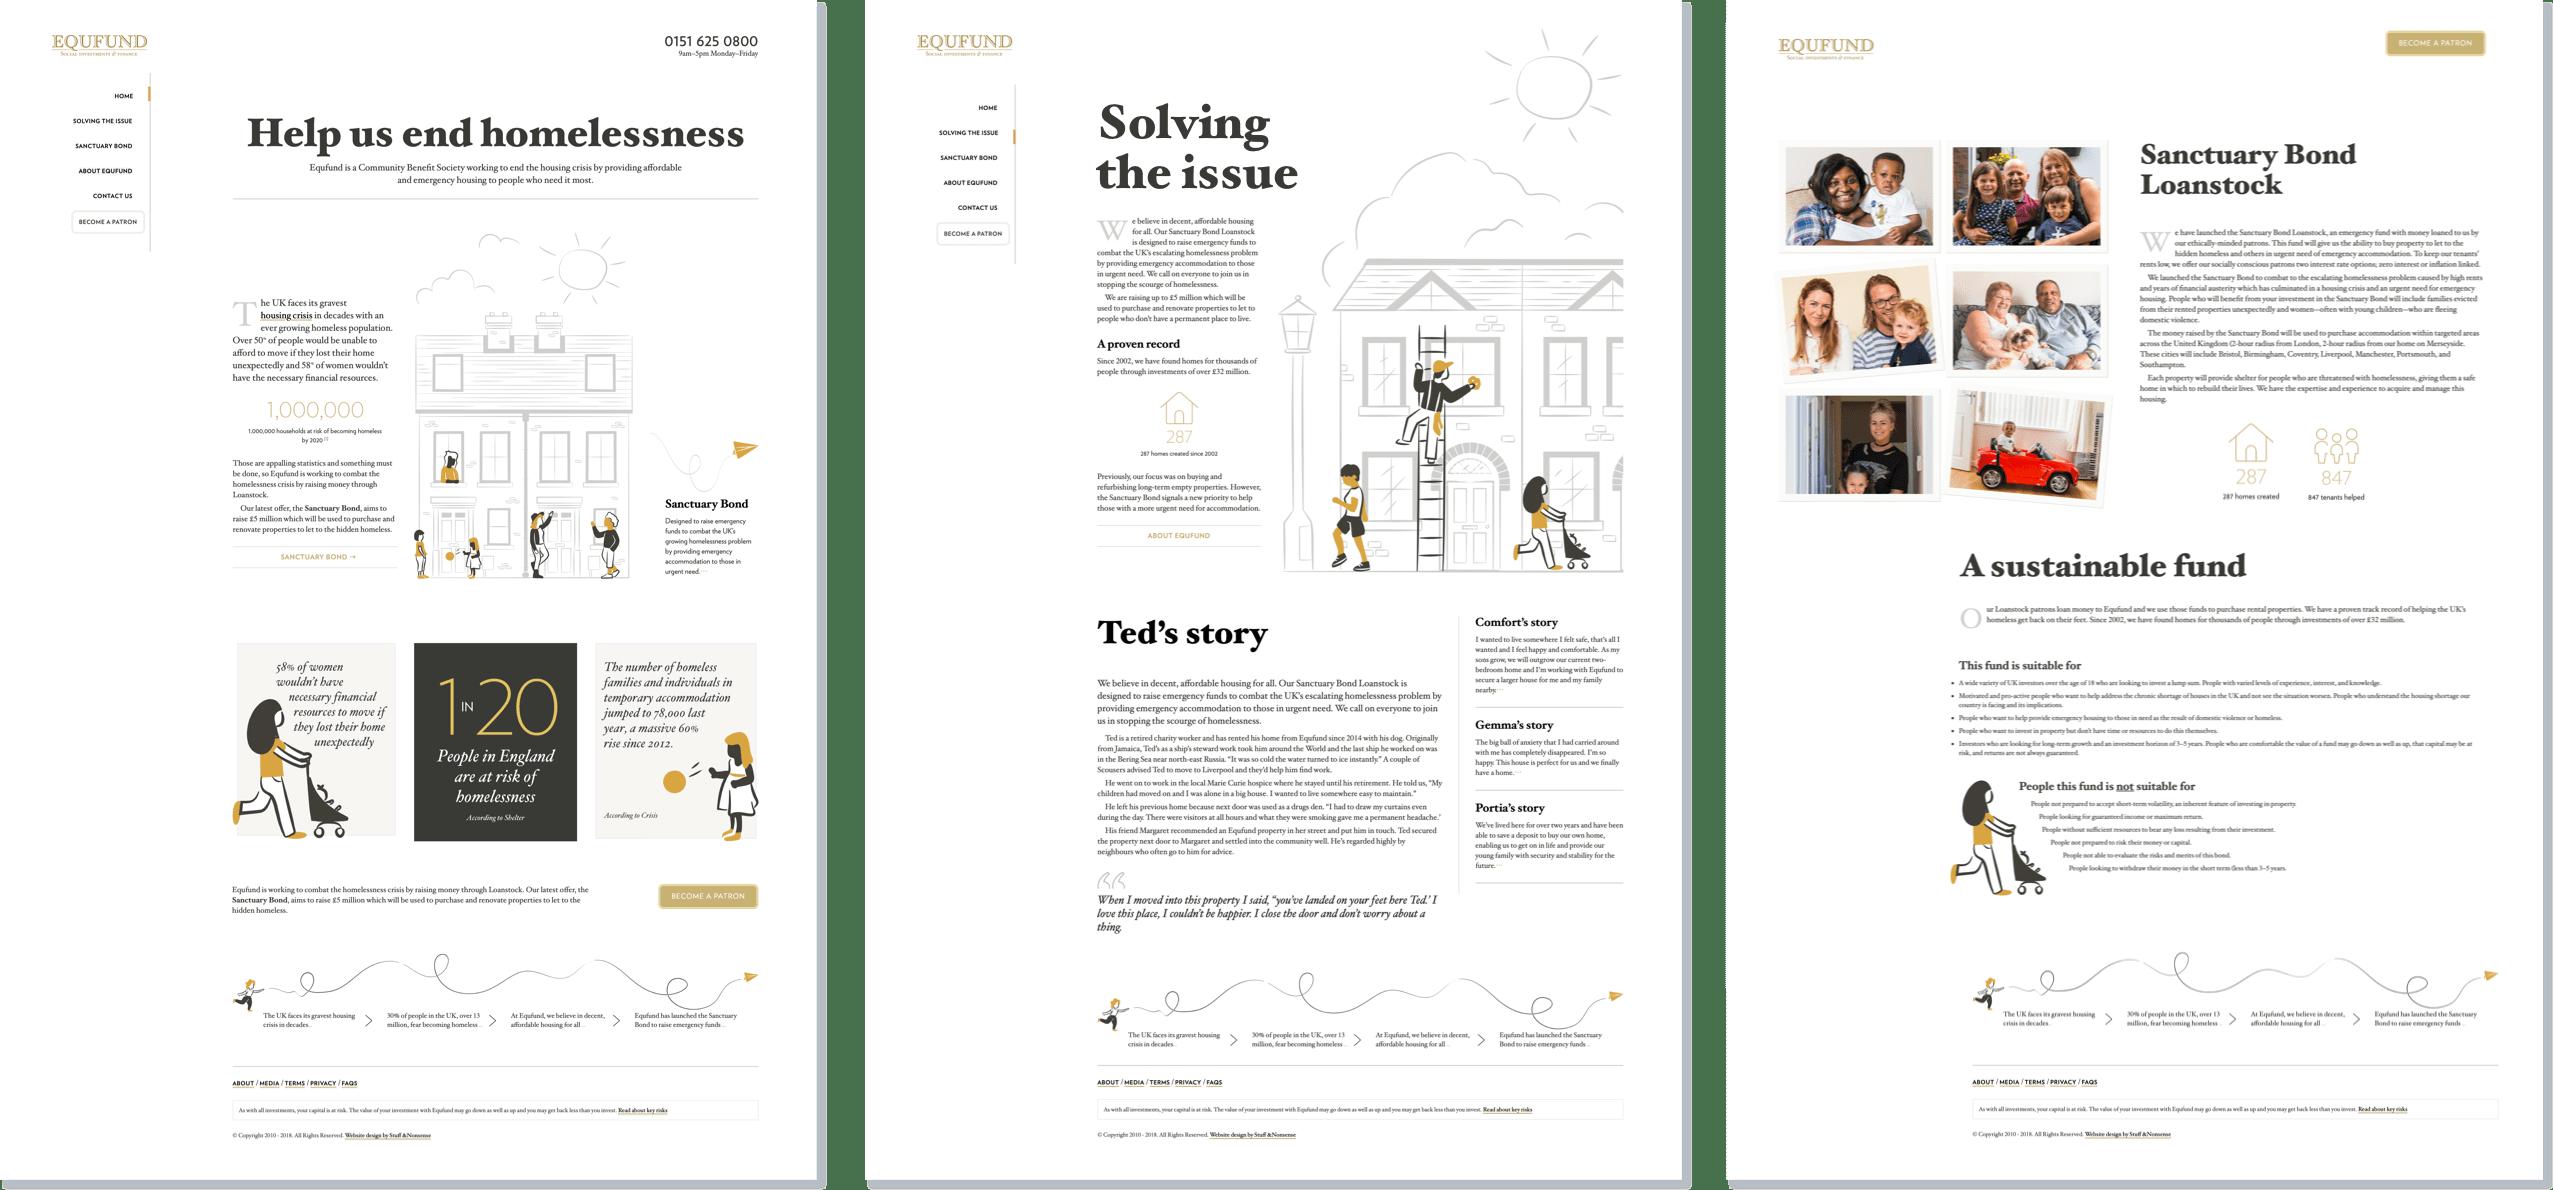 Equfund website redesign